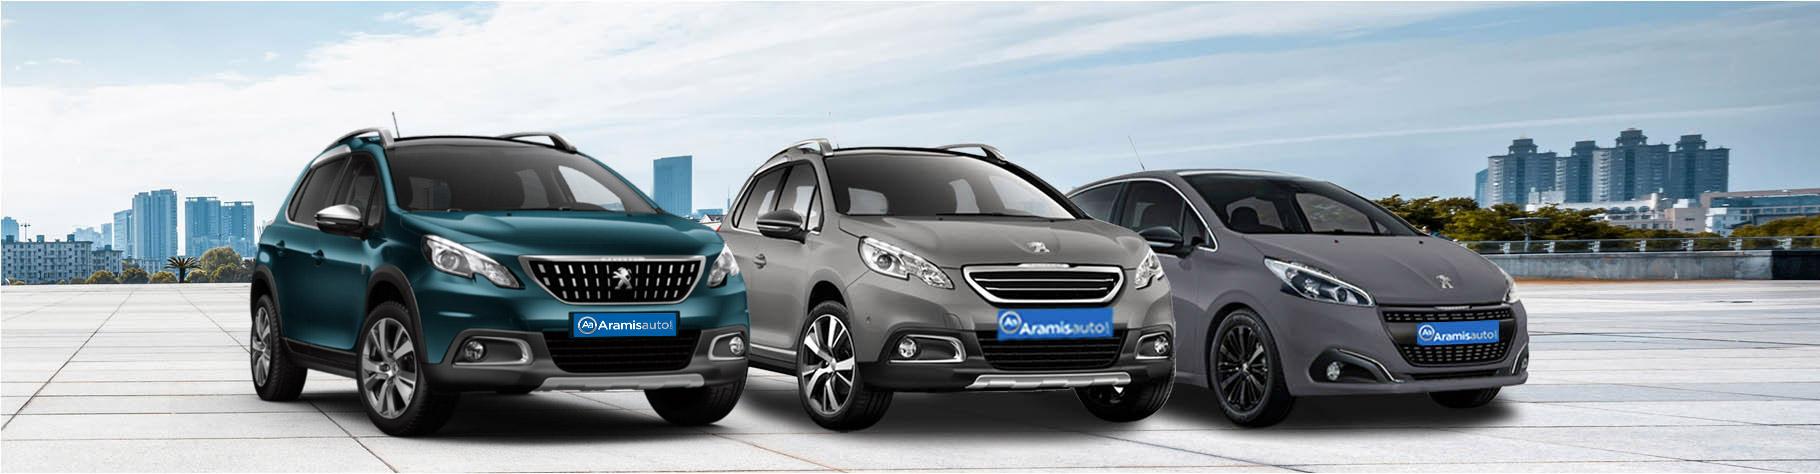 Guide d'achat Peugeot